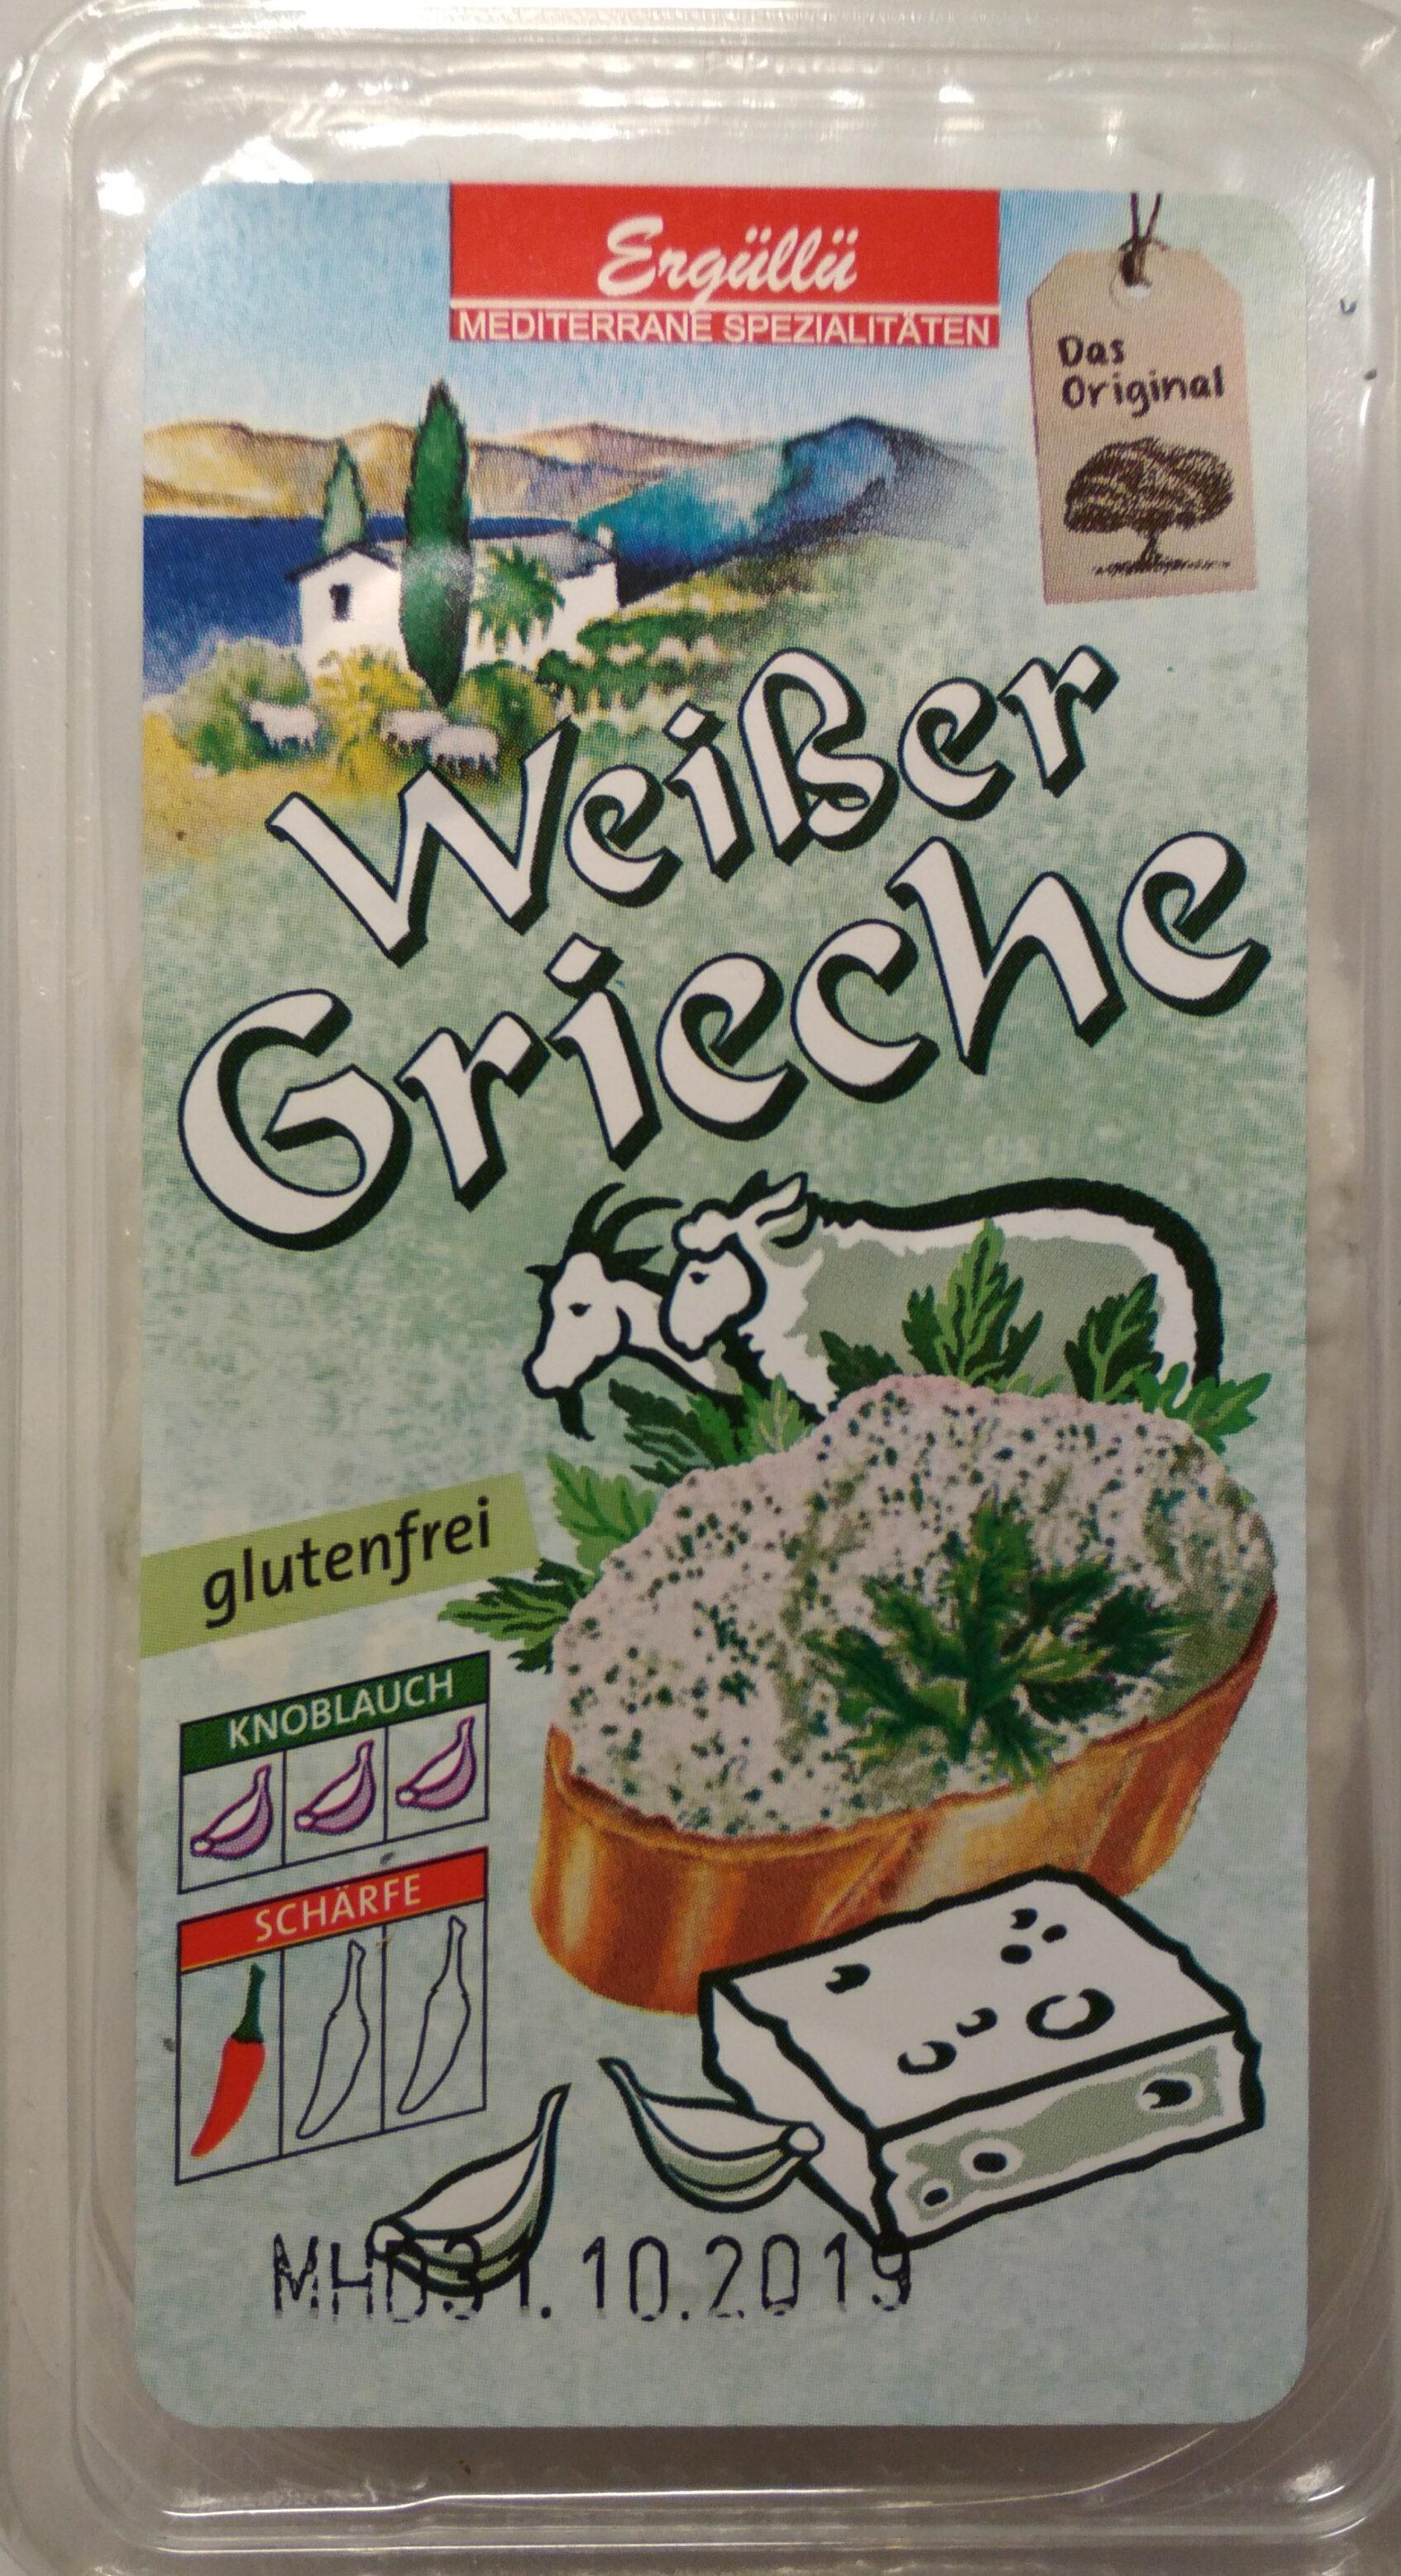 Weißer Grieche - Product - de